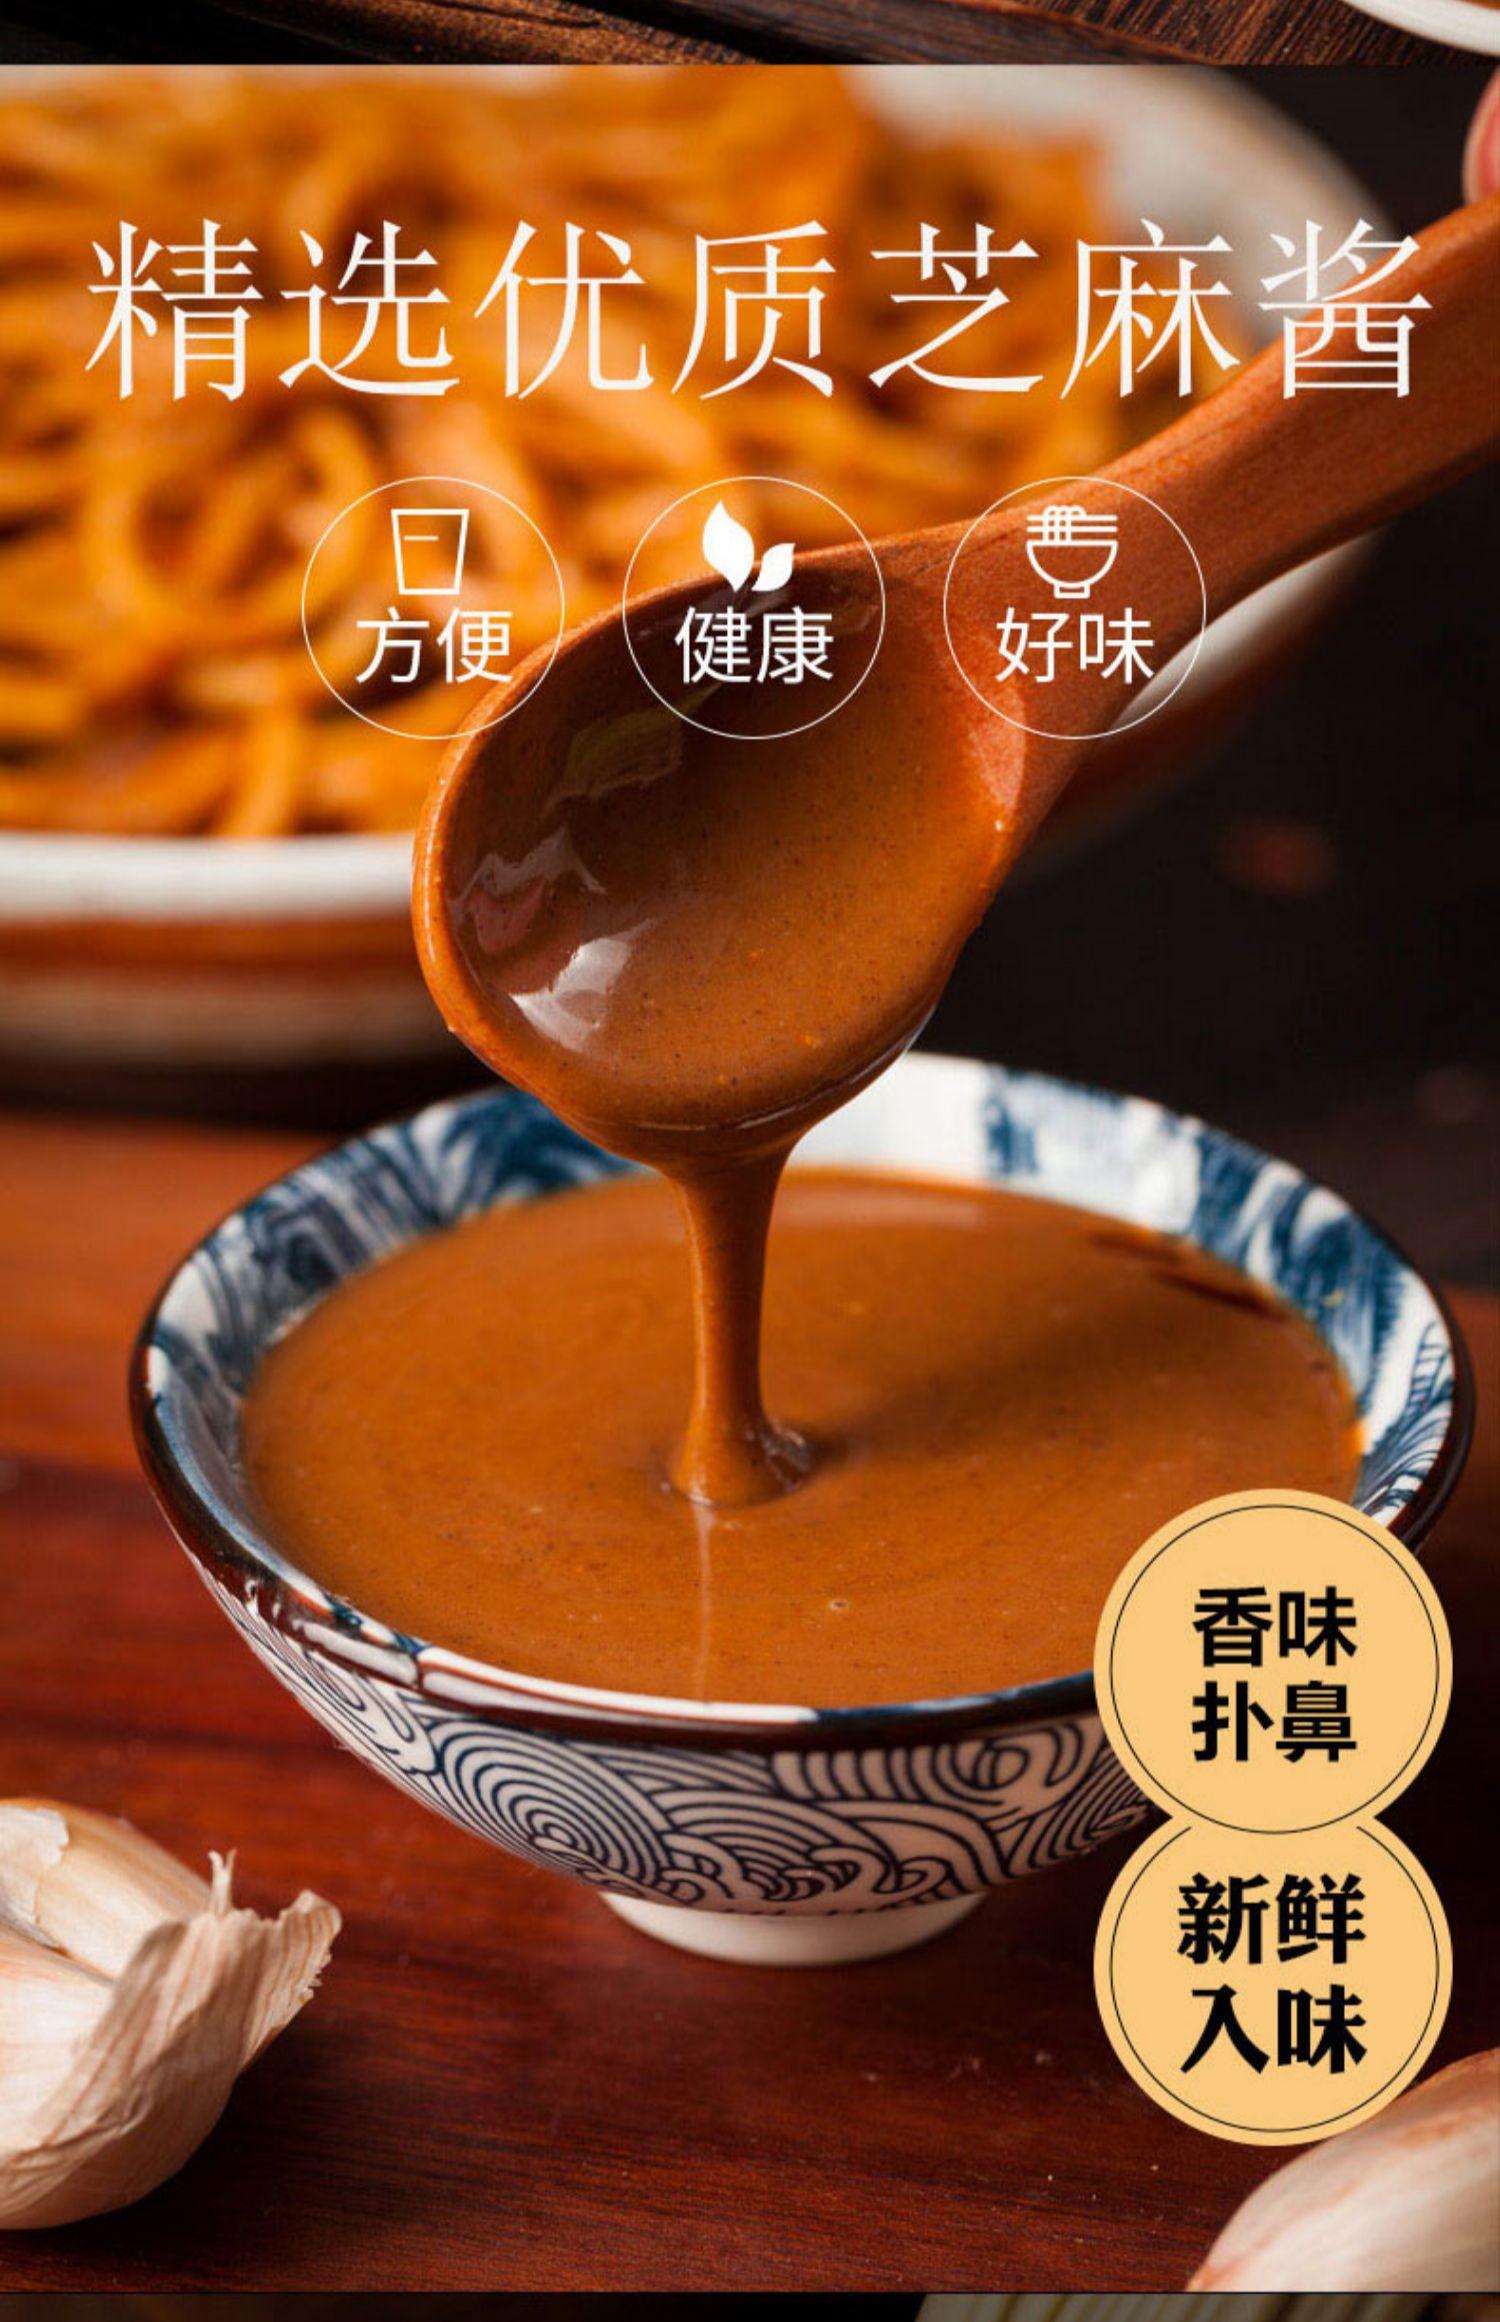 襄盛源武汉热干面商品图片-3